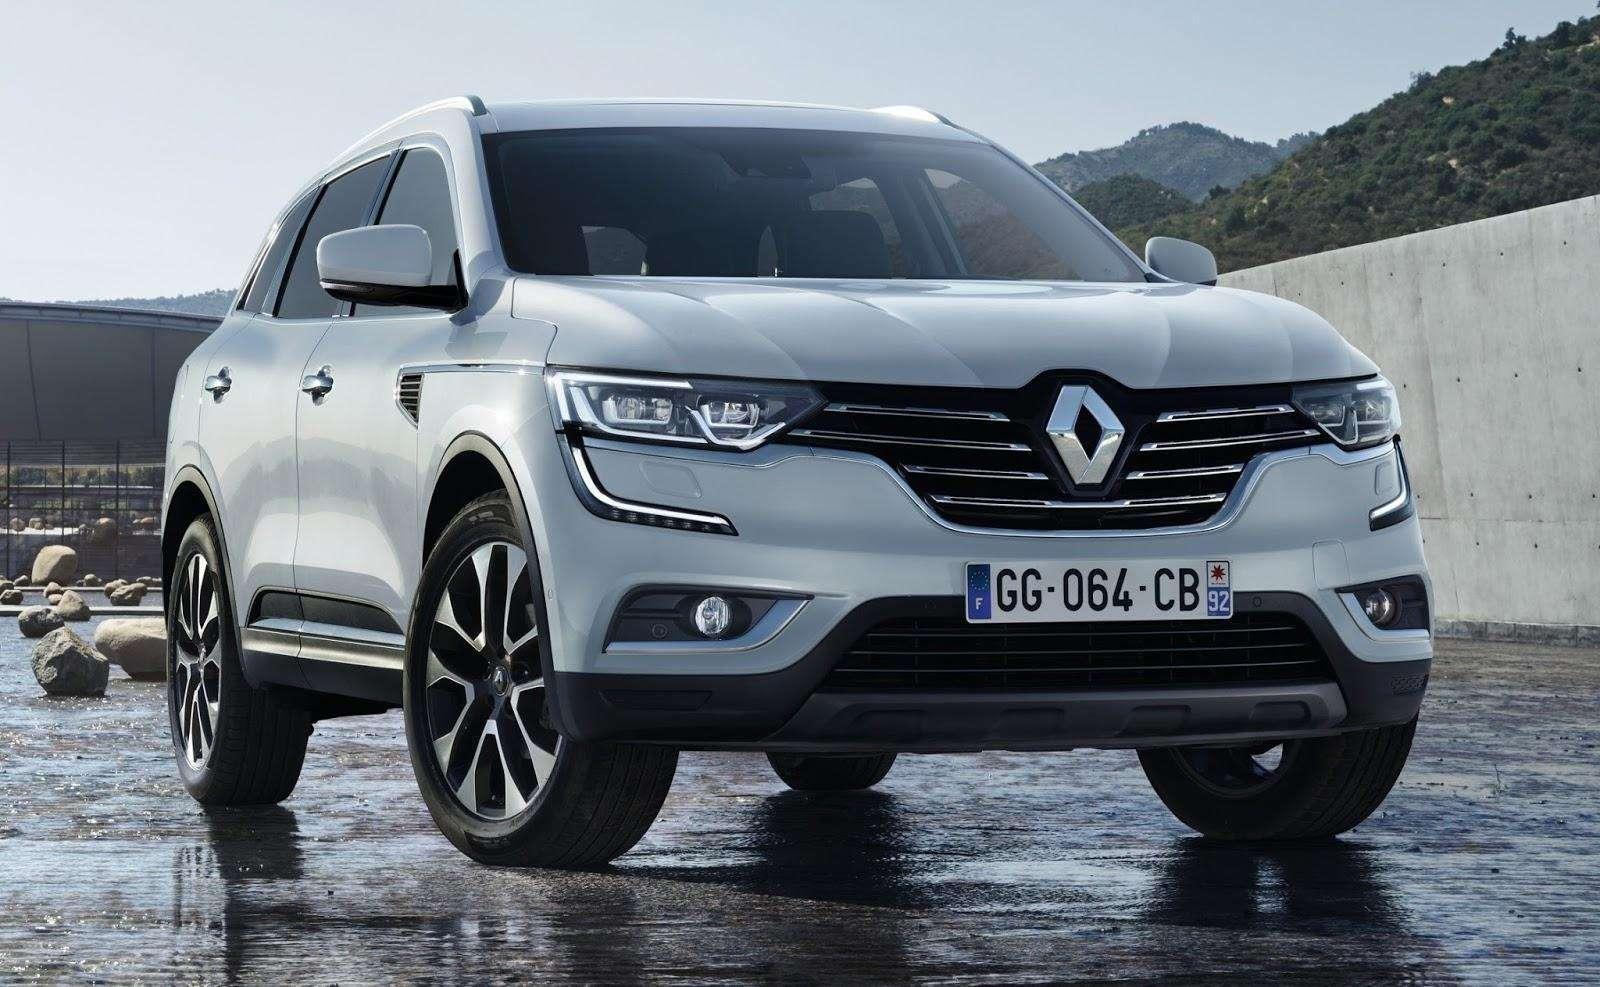 Renault apresenta primeira imagem do novo SUV Koleos